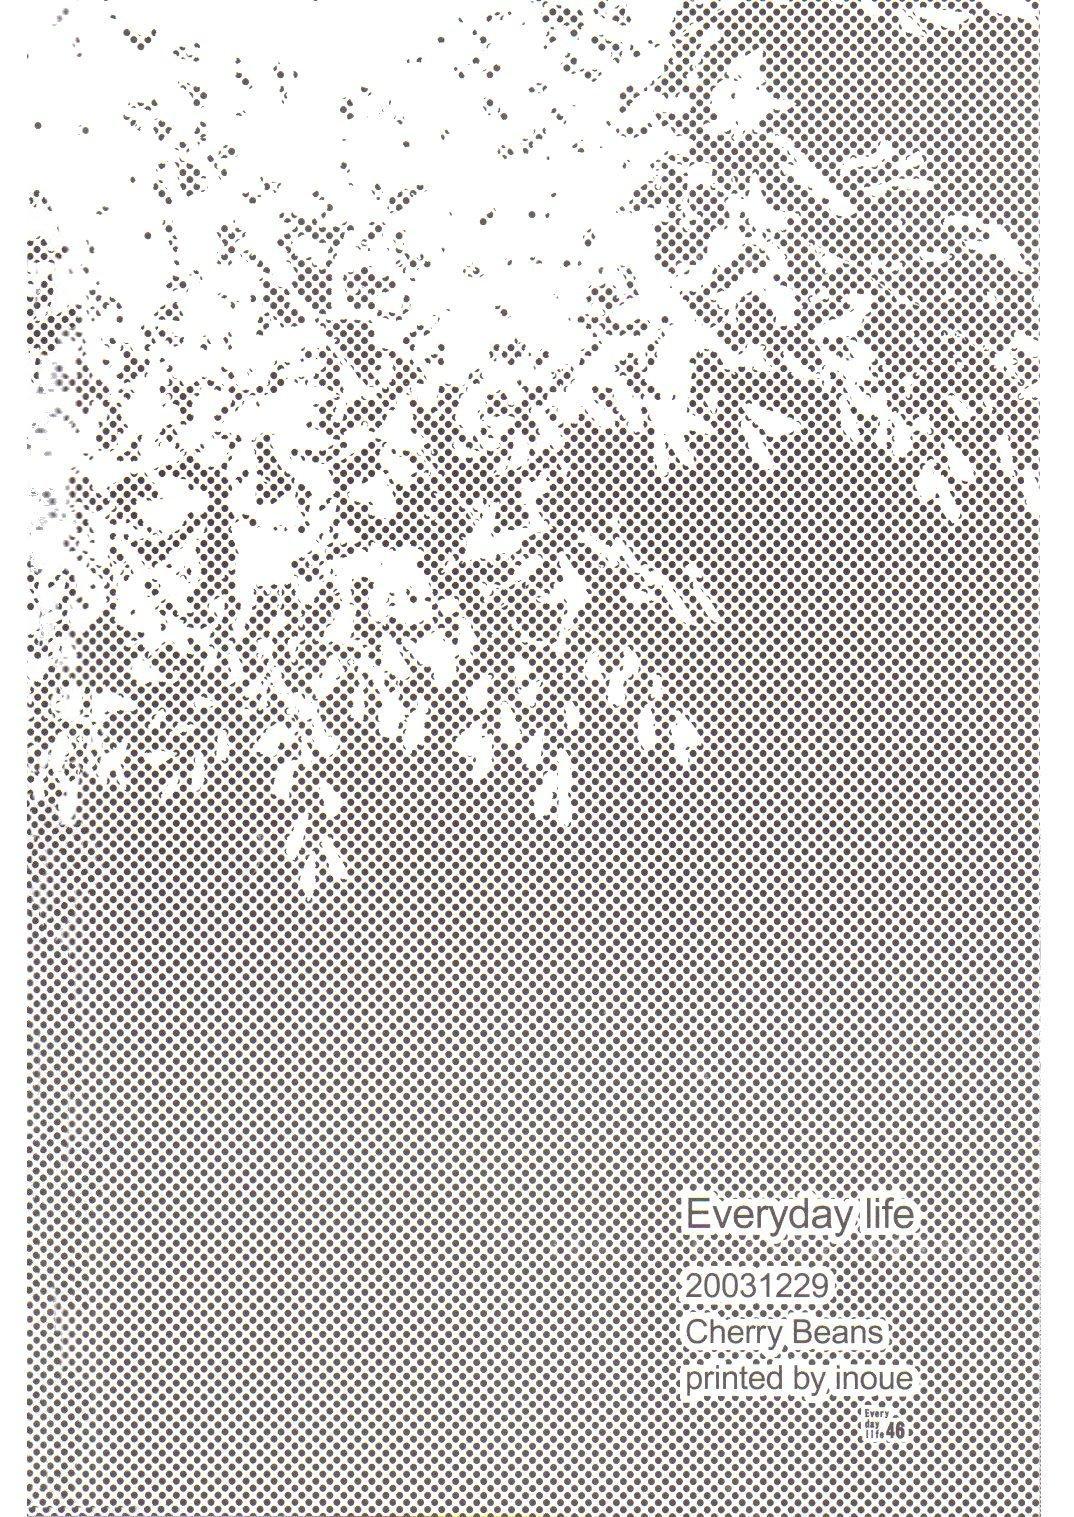 Everyday Life 33